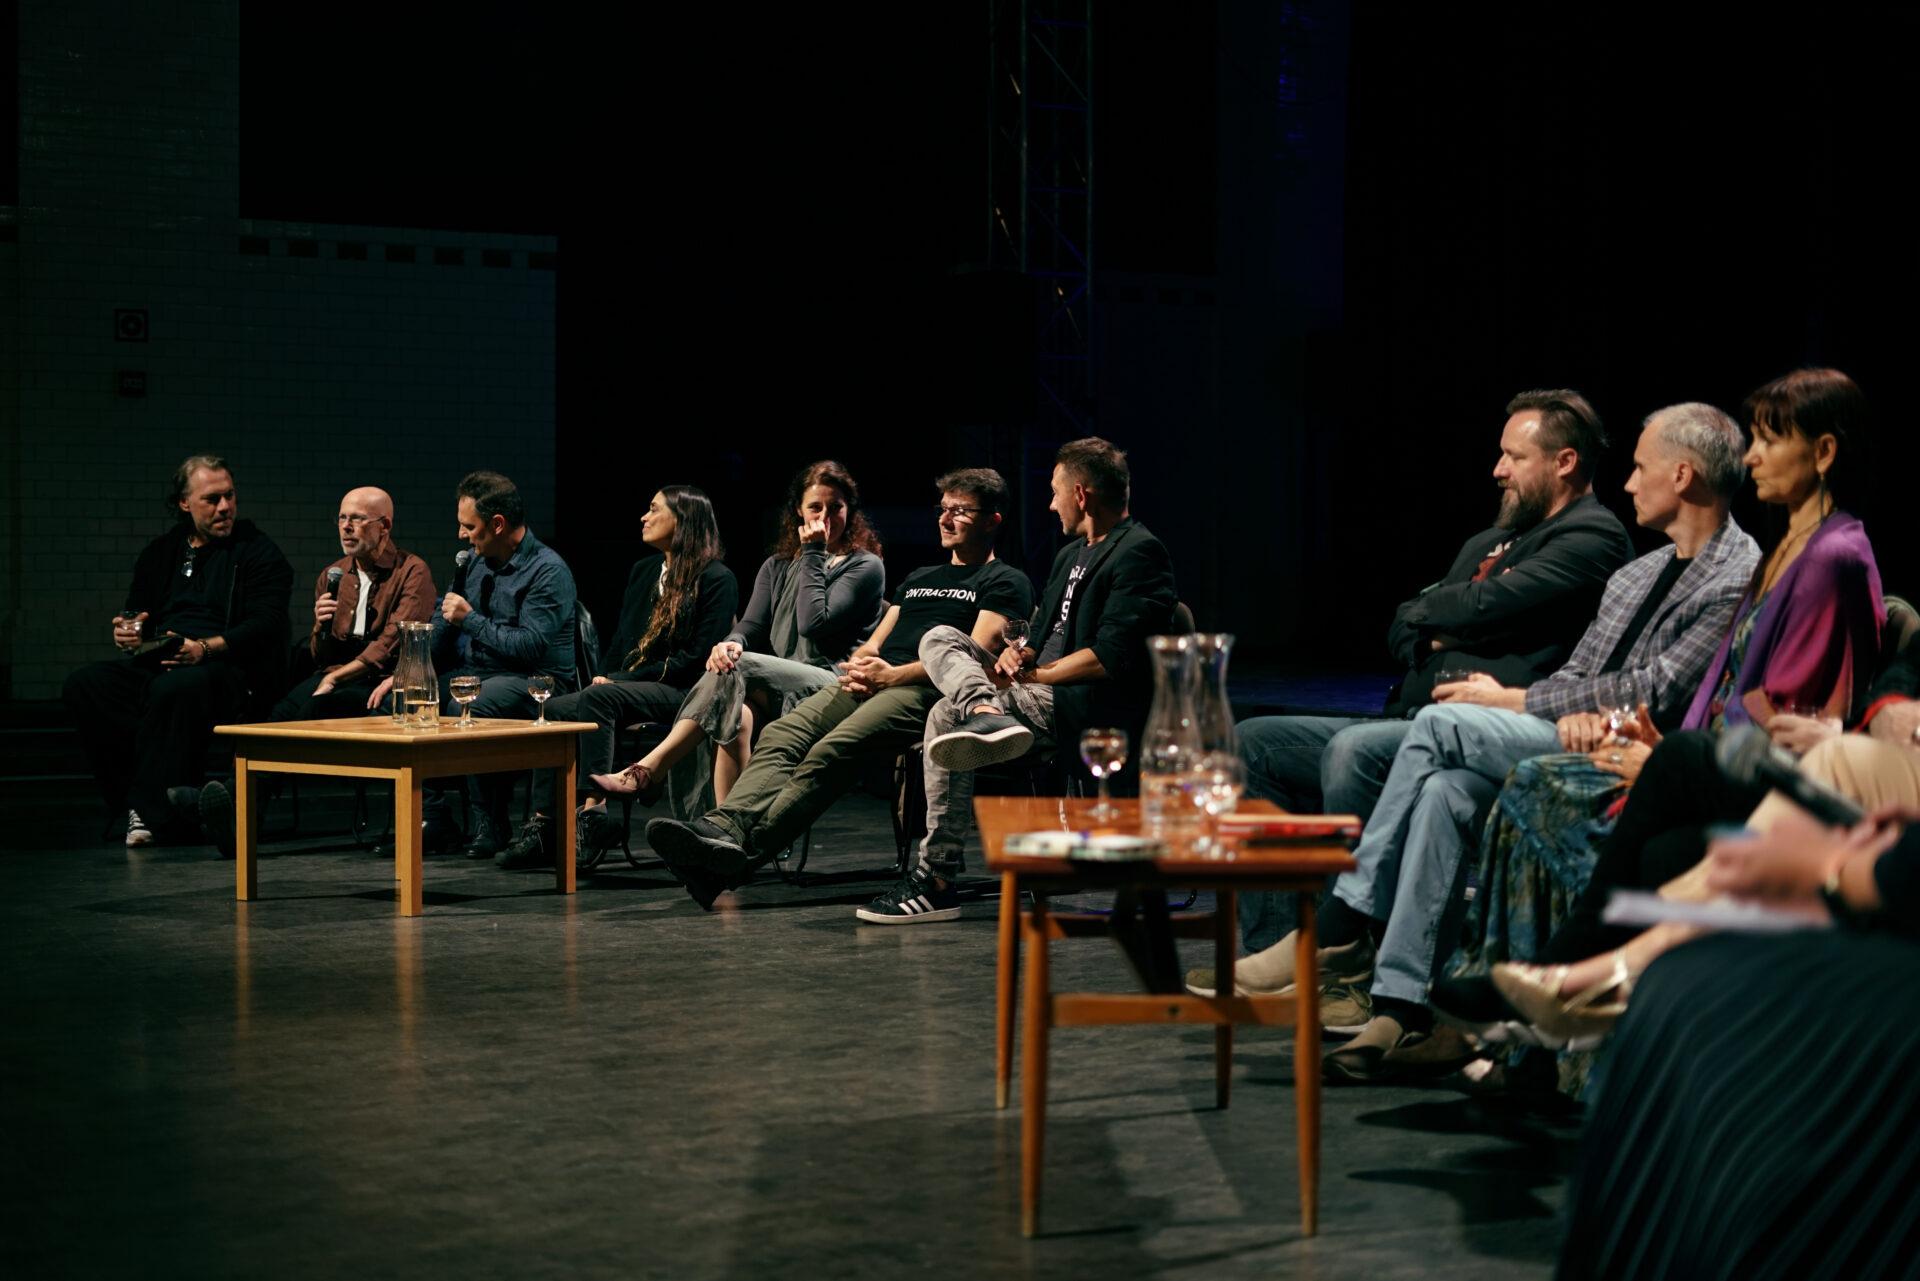 """Dyskusja z udziałem tancerzy na temat spektaklu """"Short Stories. Powrót"""" (chor. Avi Kaiser) w Teatrze ROZBARK, 29 sierpnia 2021. Fot. Aleksandra Staszczyk"""